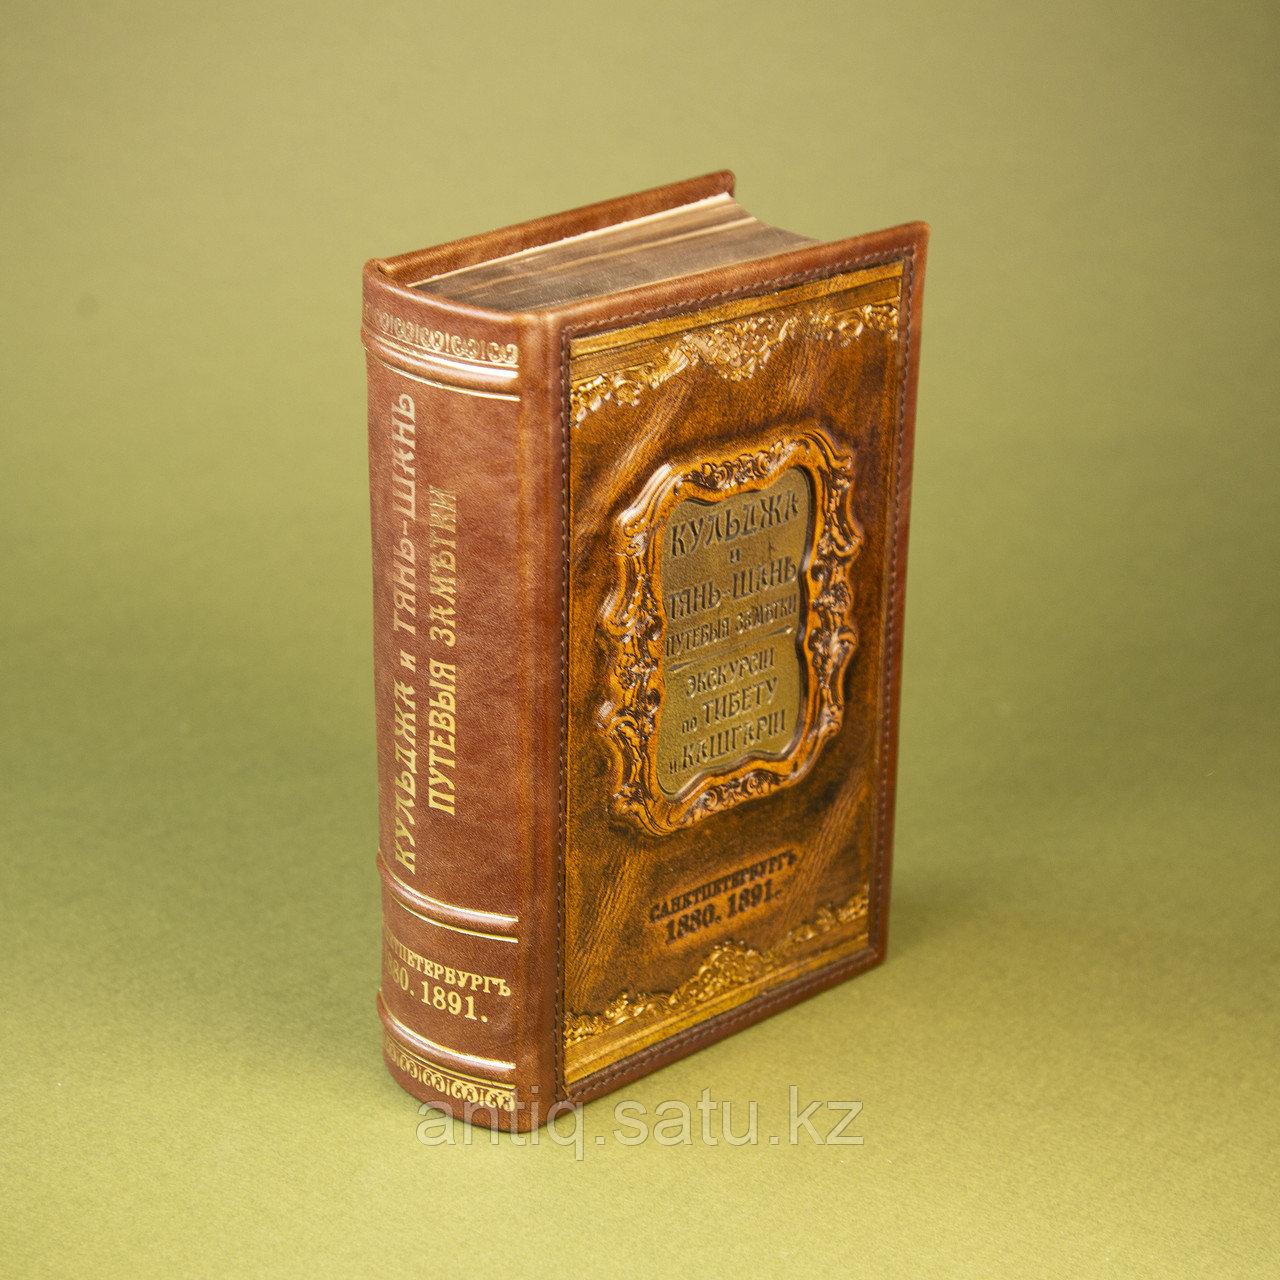 Антикварная книга, состоящая из 2-х трудов: «Кульджа и Тянь-Шань» и «Путевые заметки Экскурсии по Тибету - фото 10